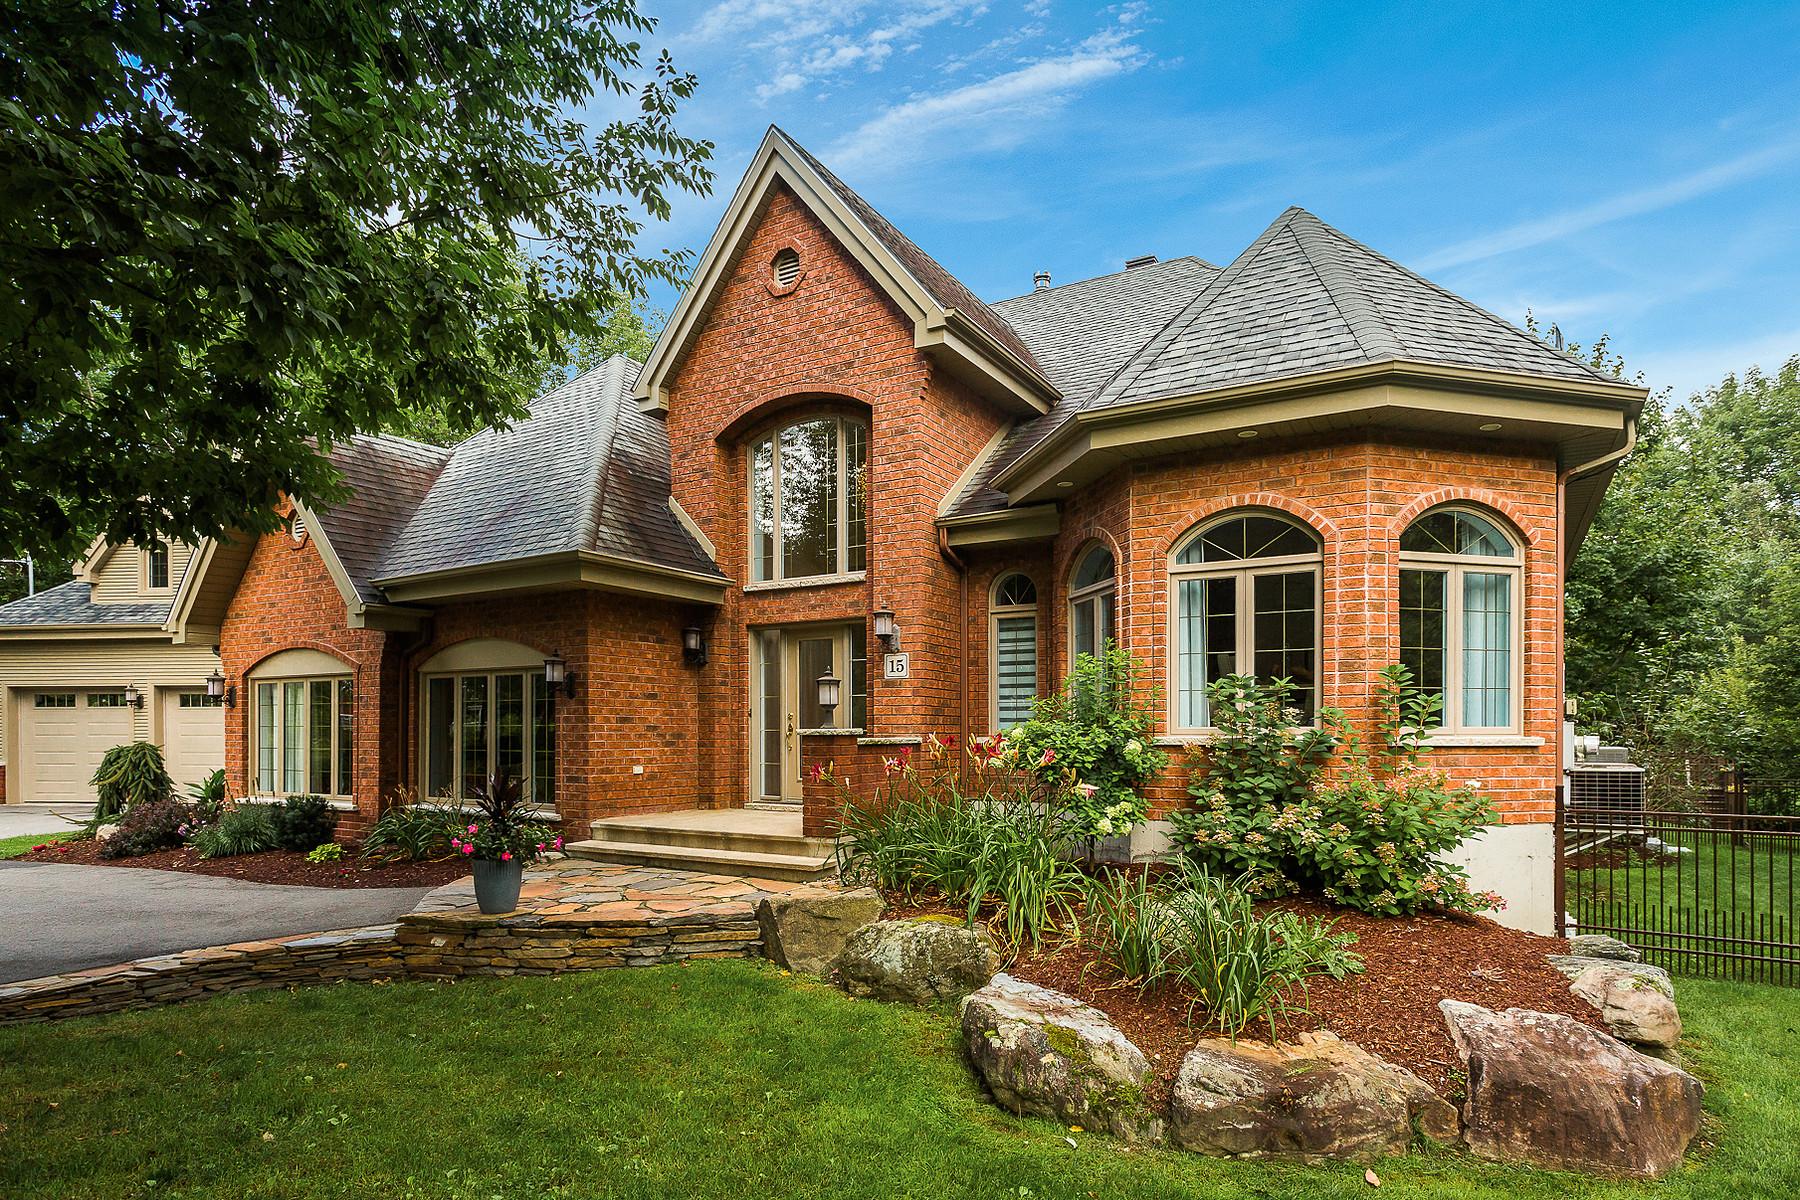 Single Family Home for Sale at Shefford, Montérégie 15 Rue de la Roseraie Shefford, Quebec, J2M1L7 Canada